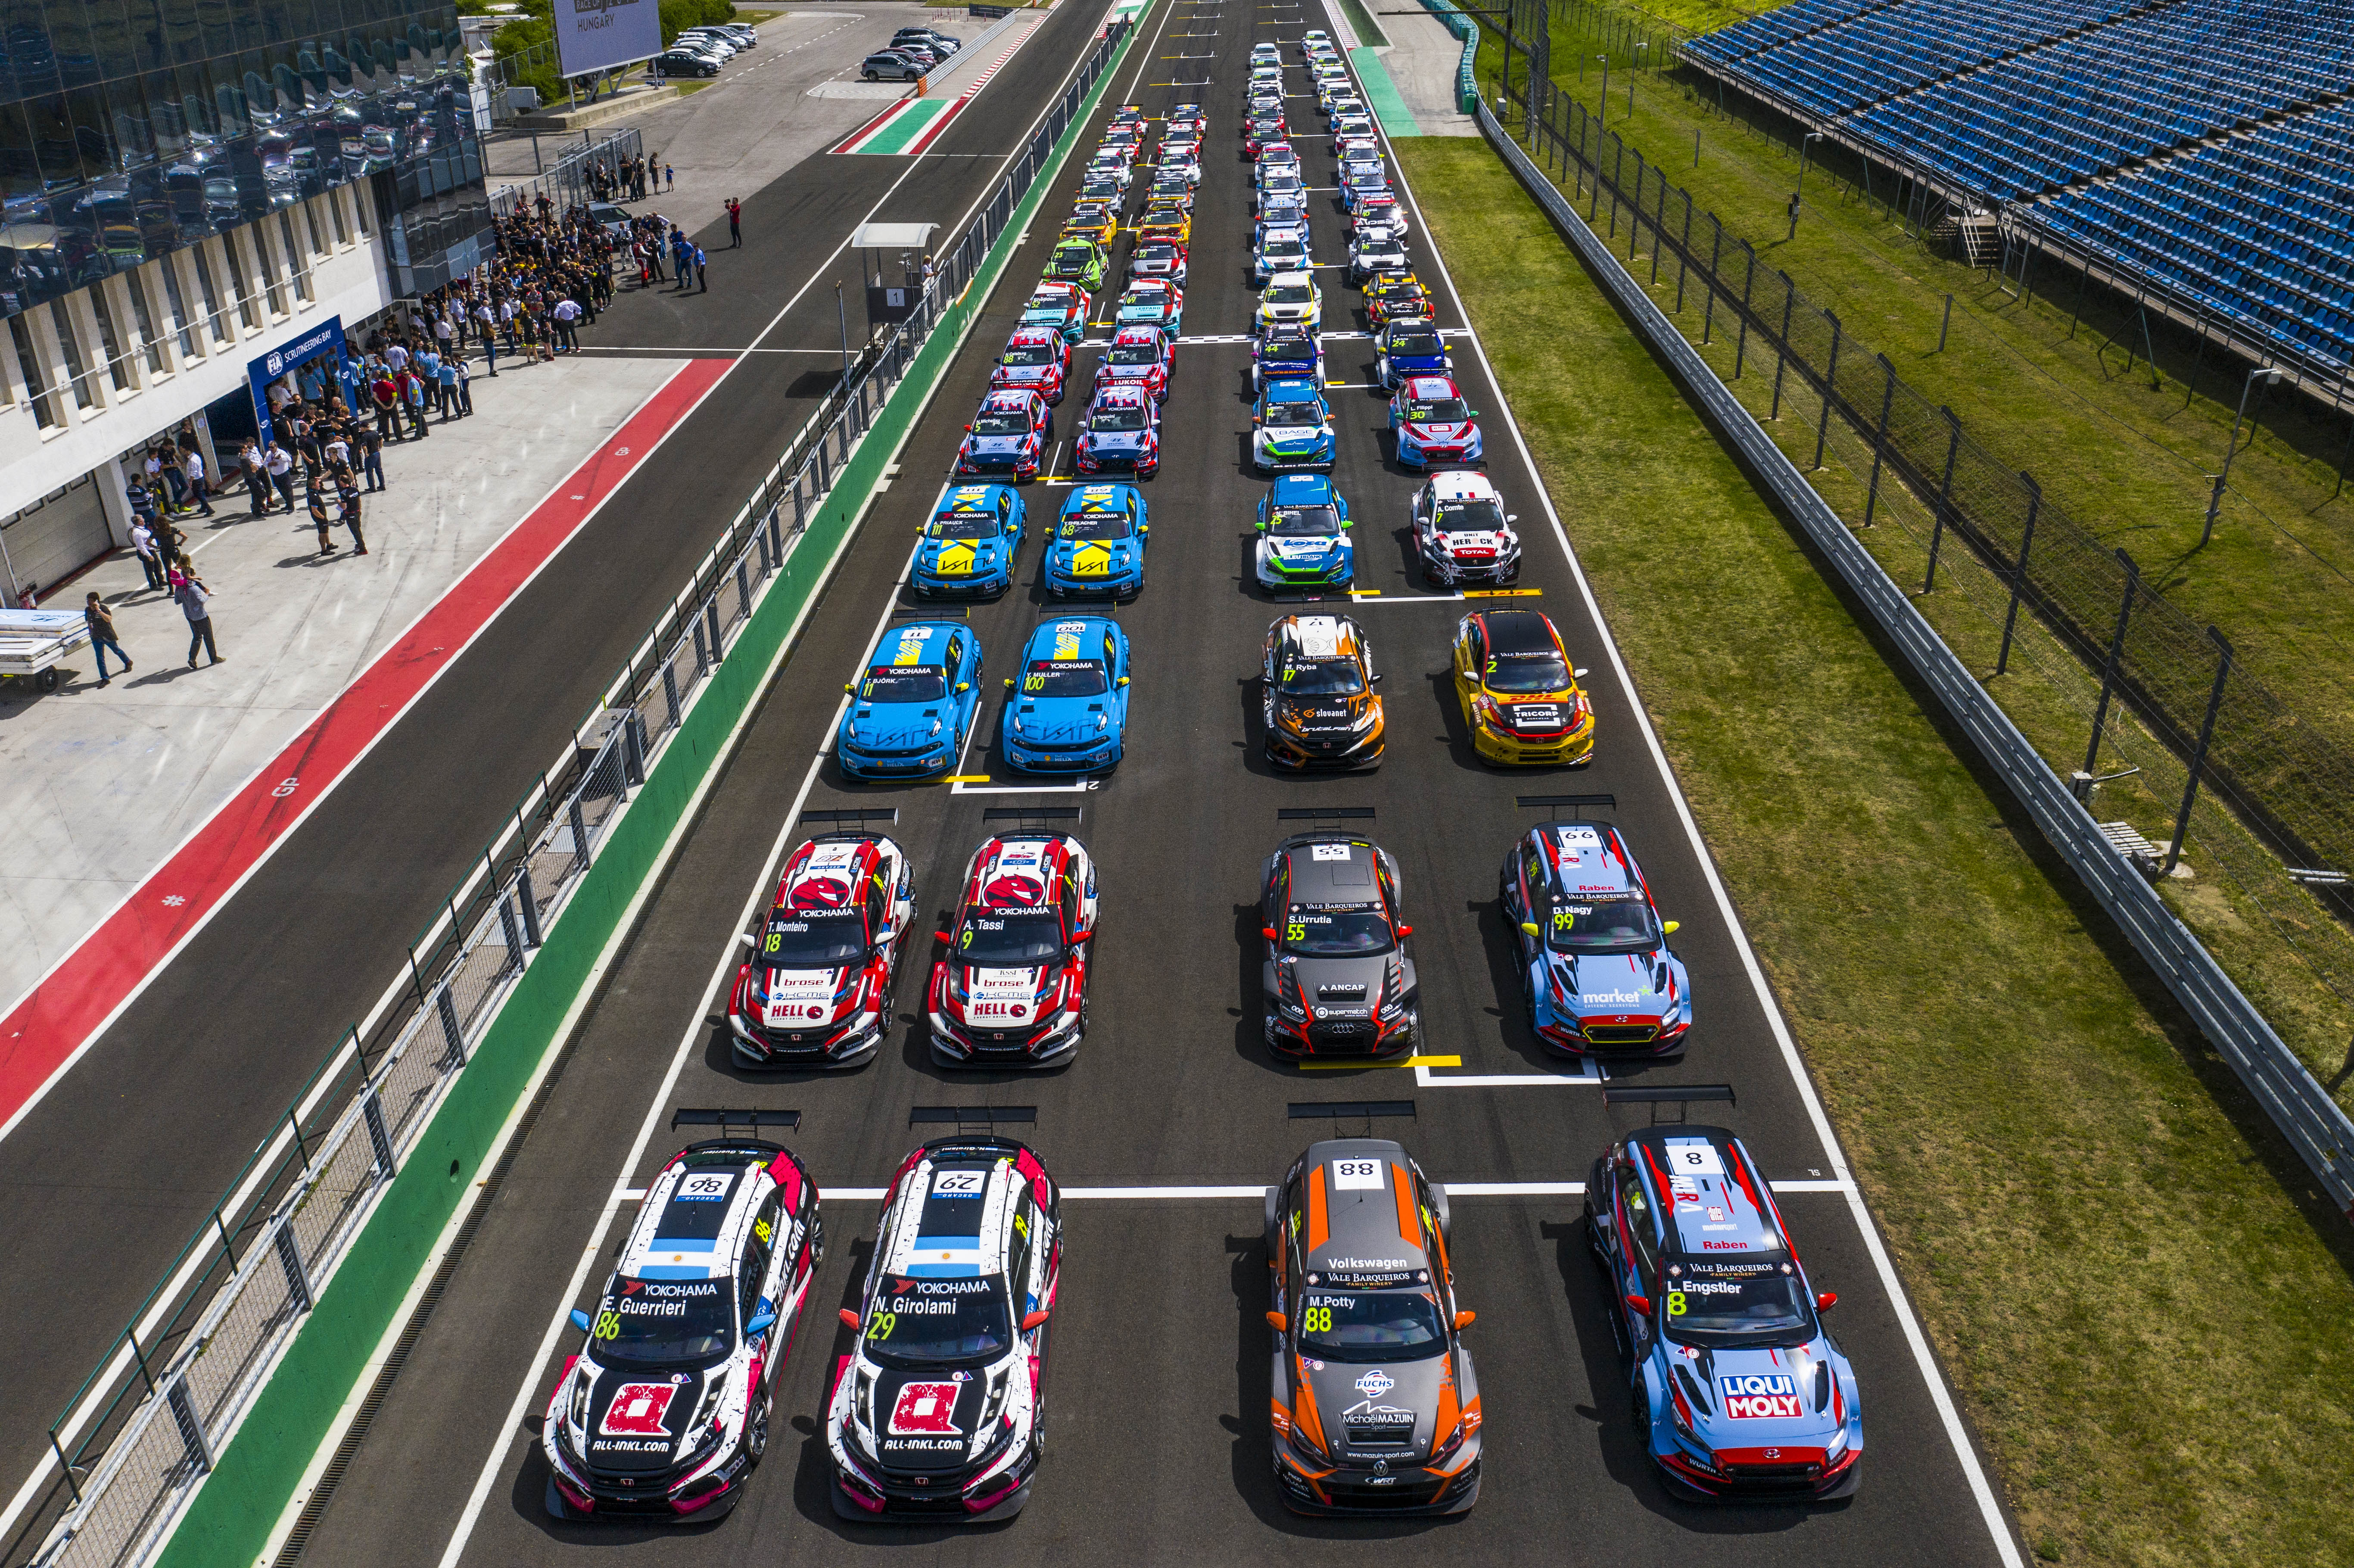 Június előtt biztosan nem rendeznek autóversenyt Magyarországon